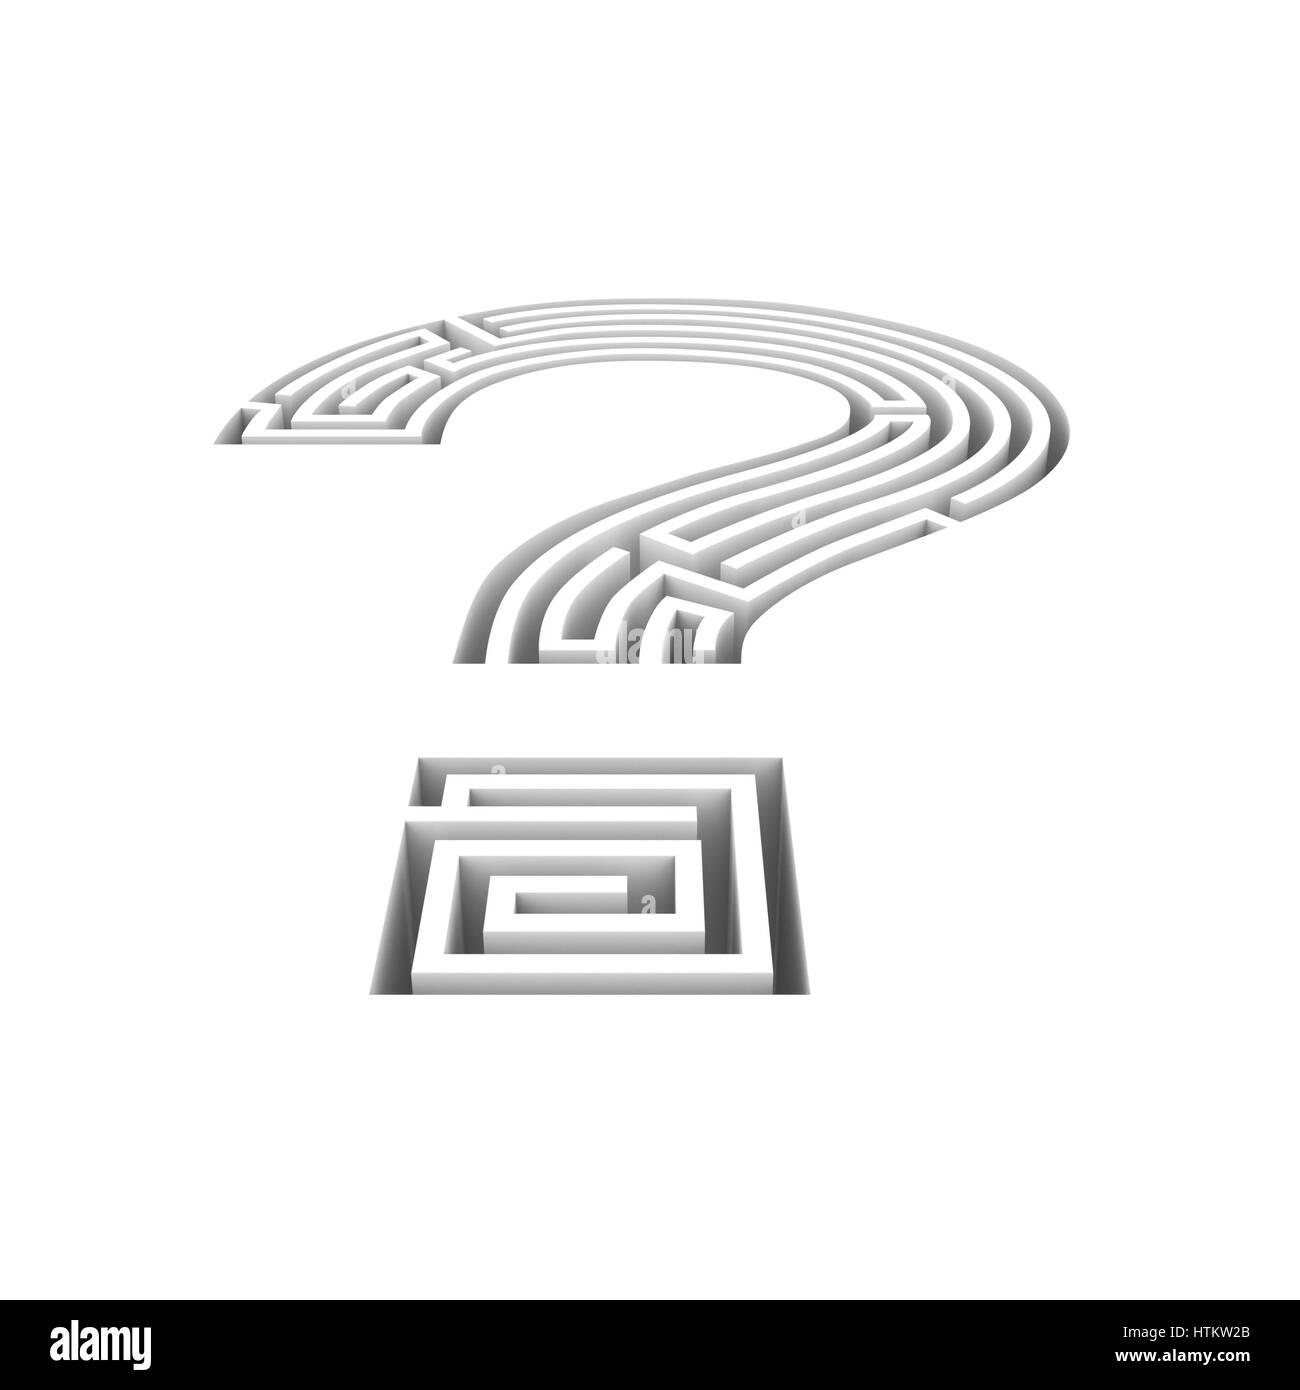 Pregunta laberinto agujero / 3D ilustración de interrogación del agujero en el suelo en forma de laberinto Imagen De Stock